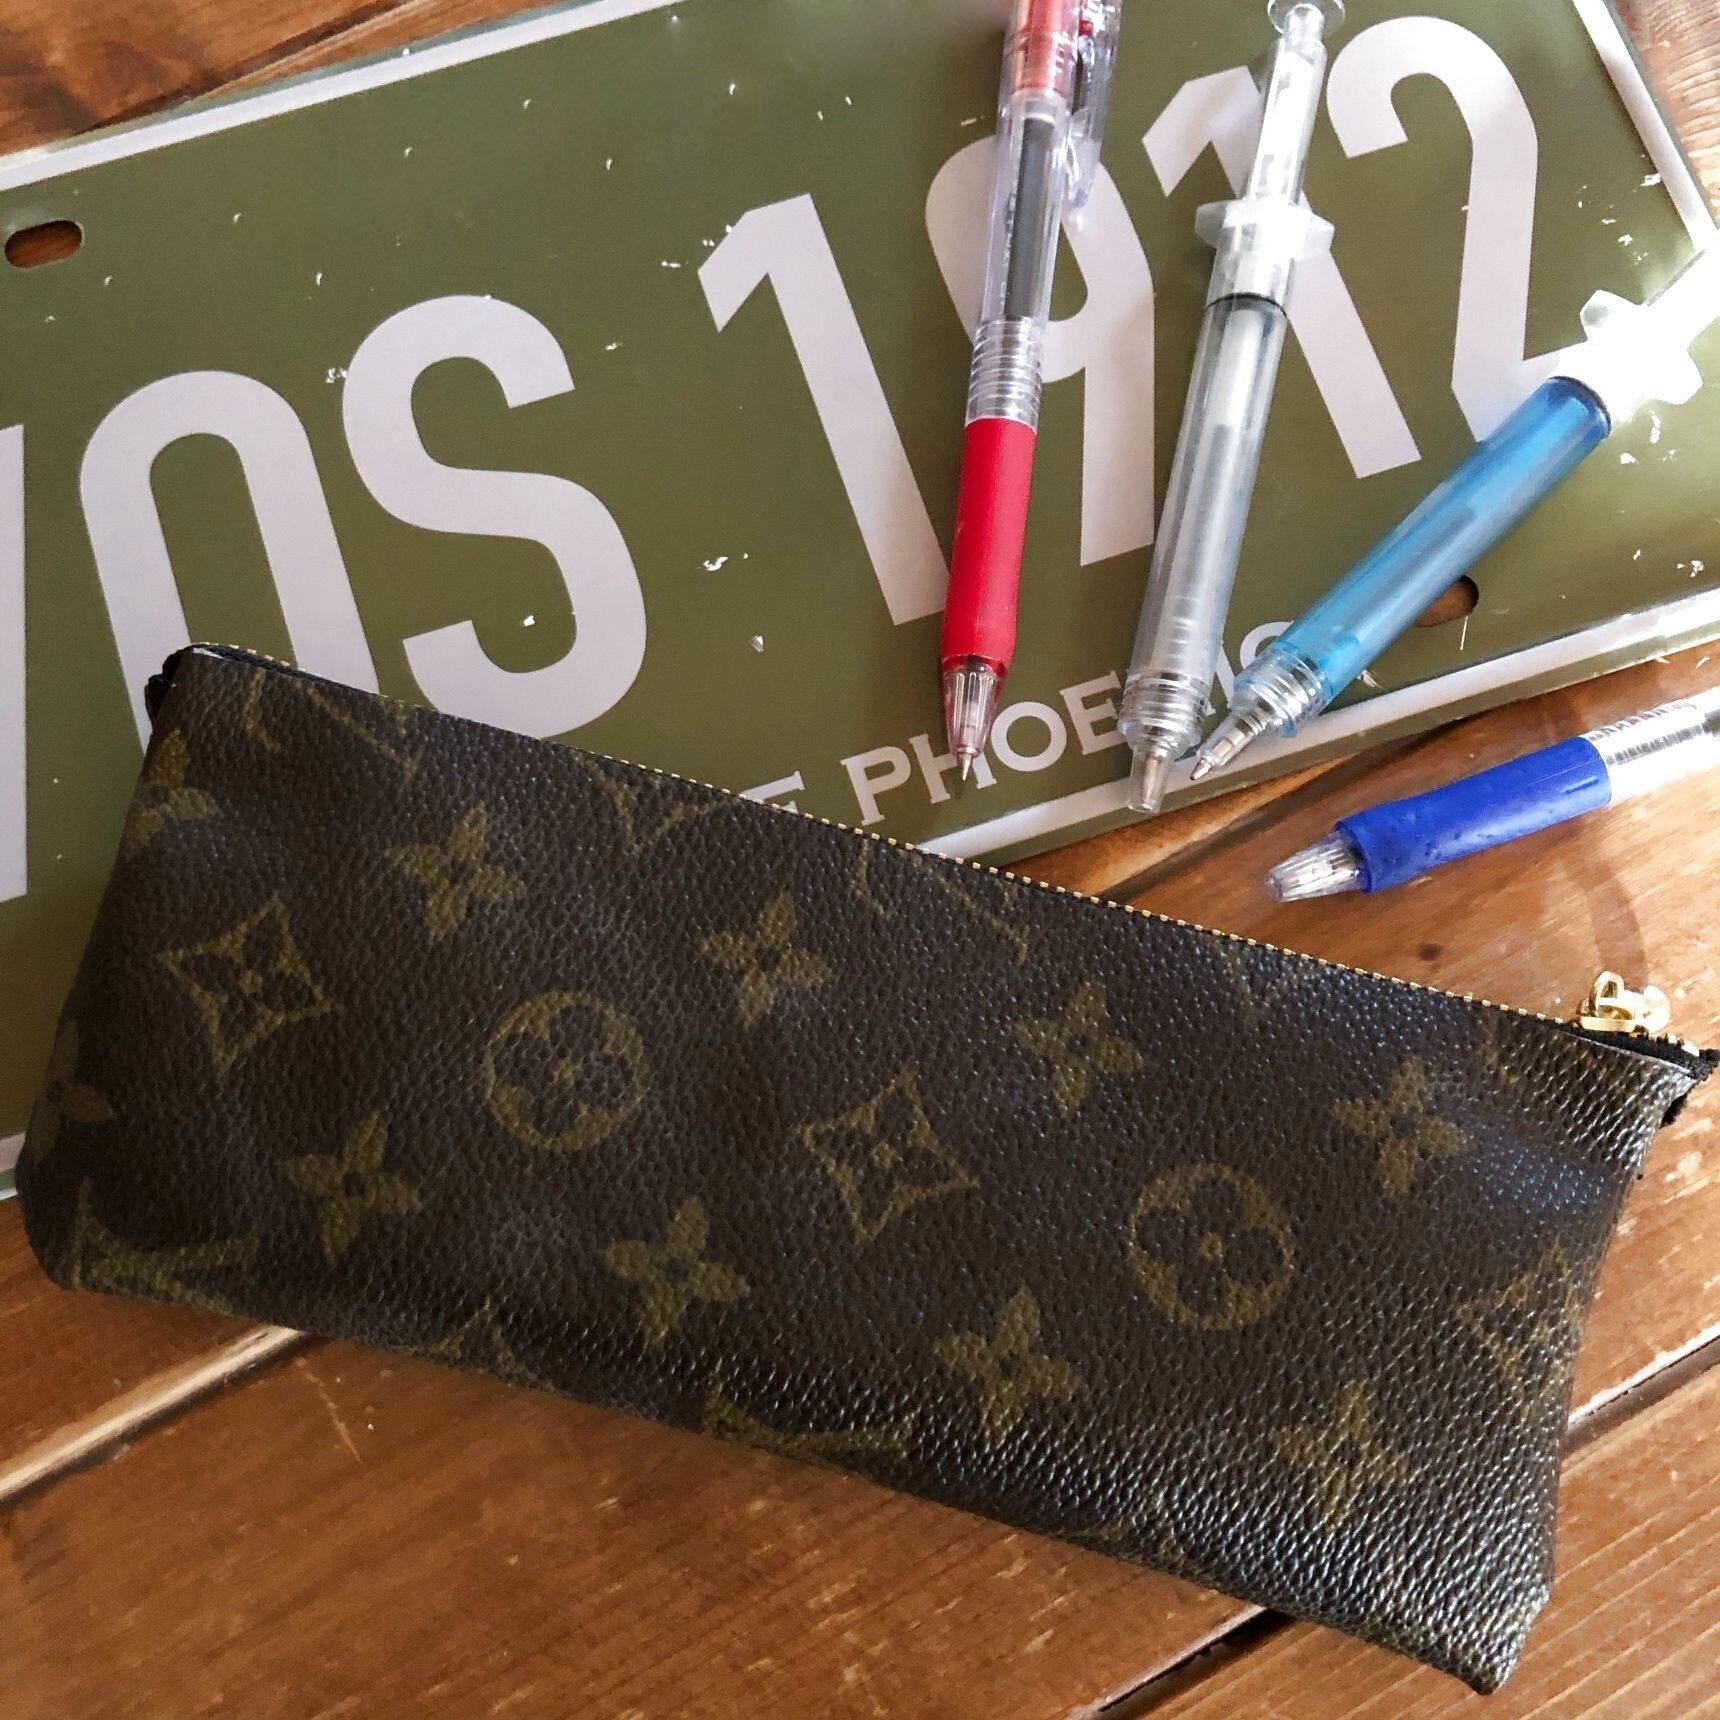 Hộp bút tự làm từ túi xách hỏng